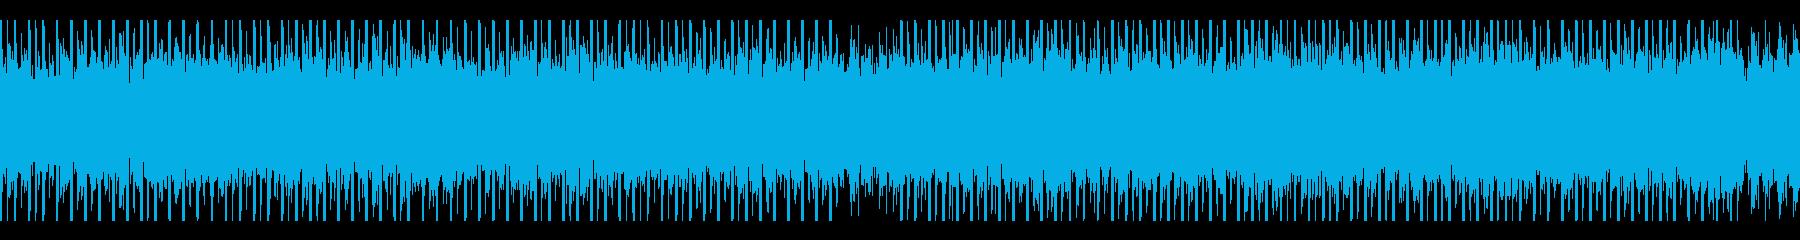 商業用(ループ)の再生済みの波形